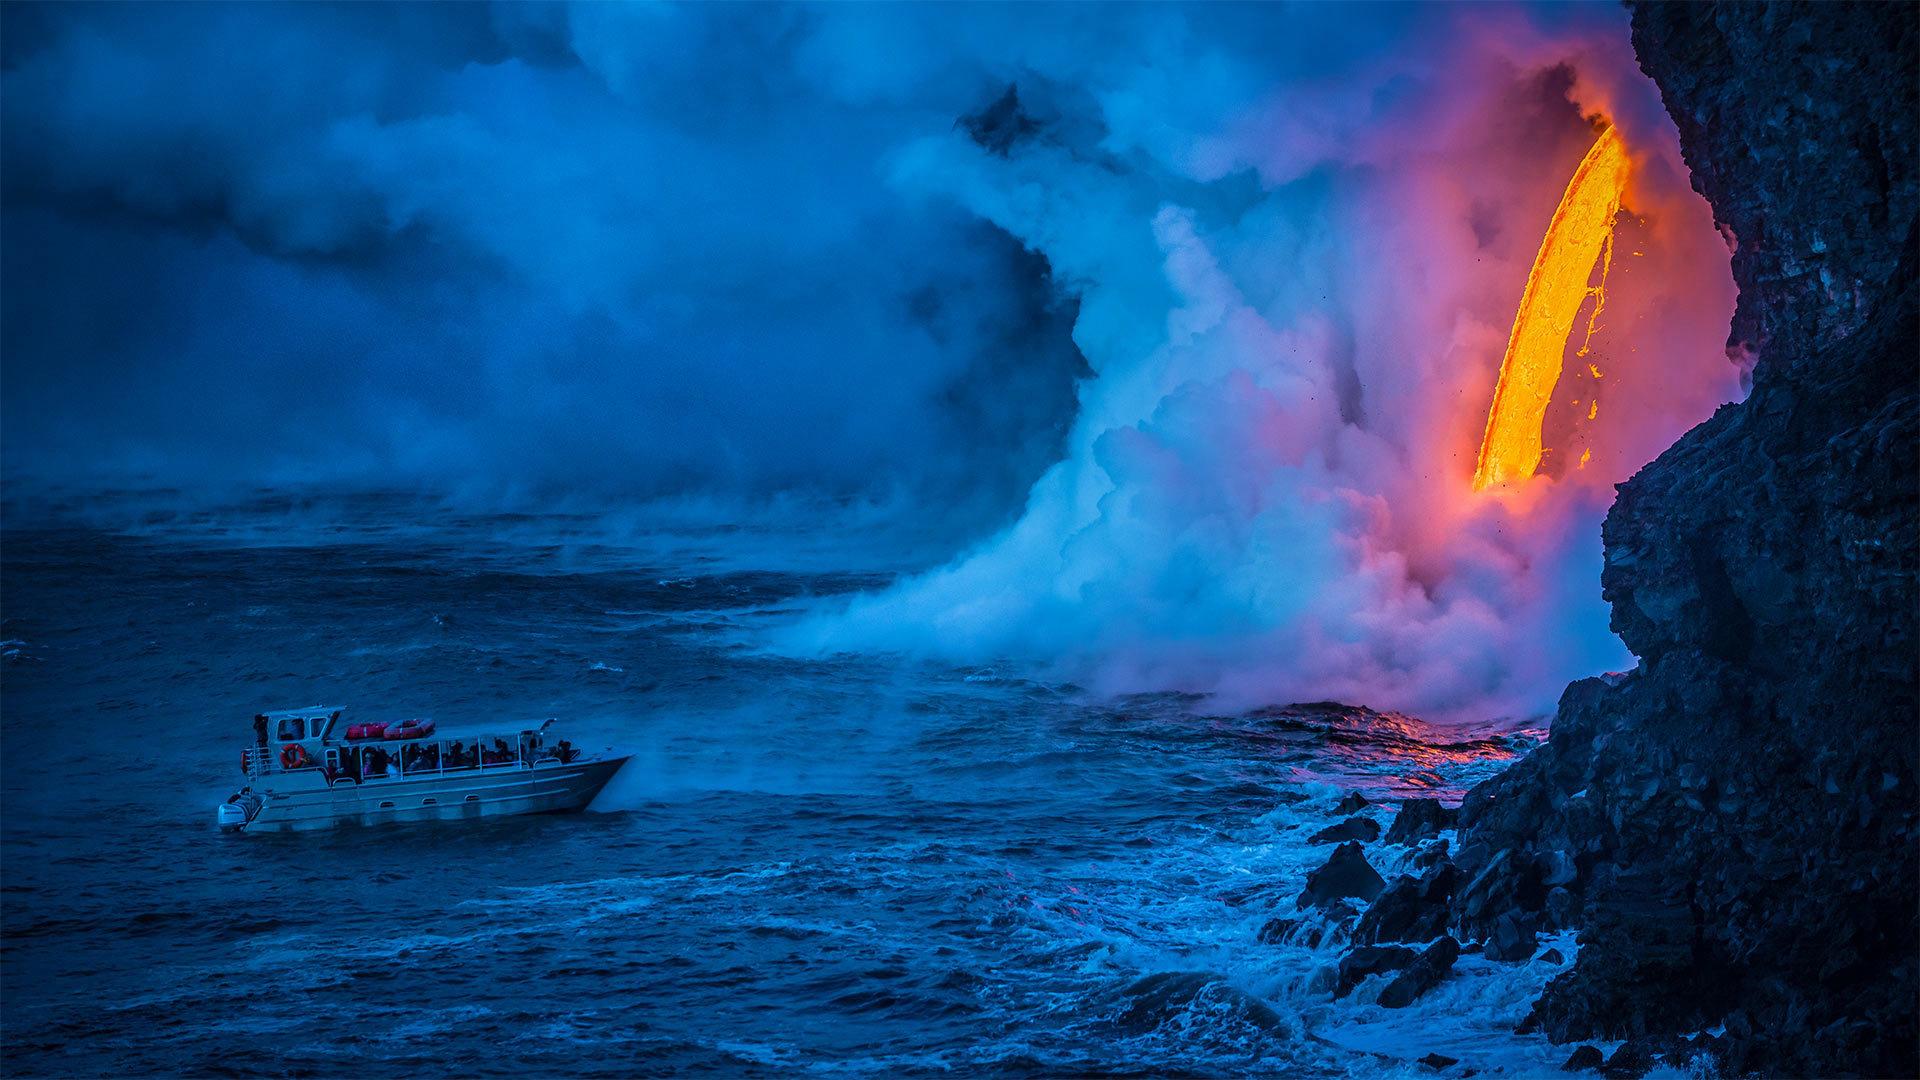 一艘游船经过时熔岩流撞击水面产生爆炸夏威夷火山